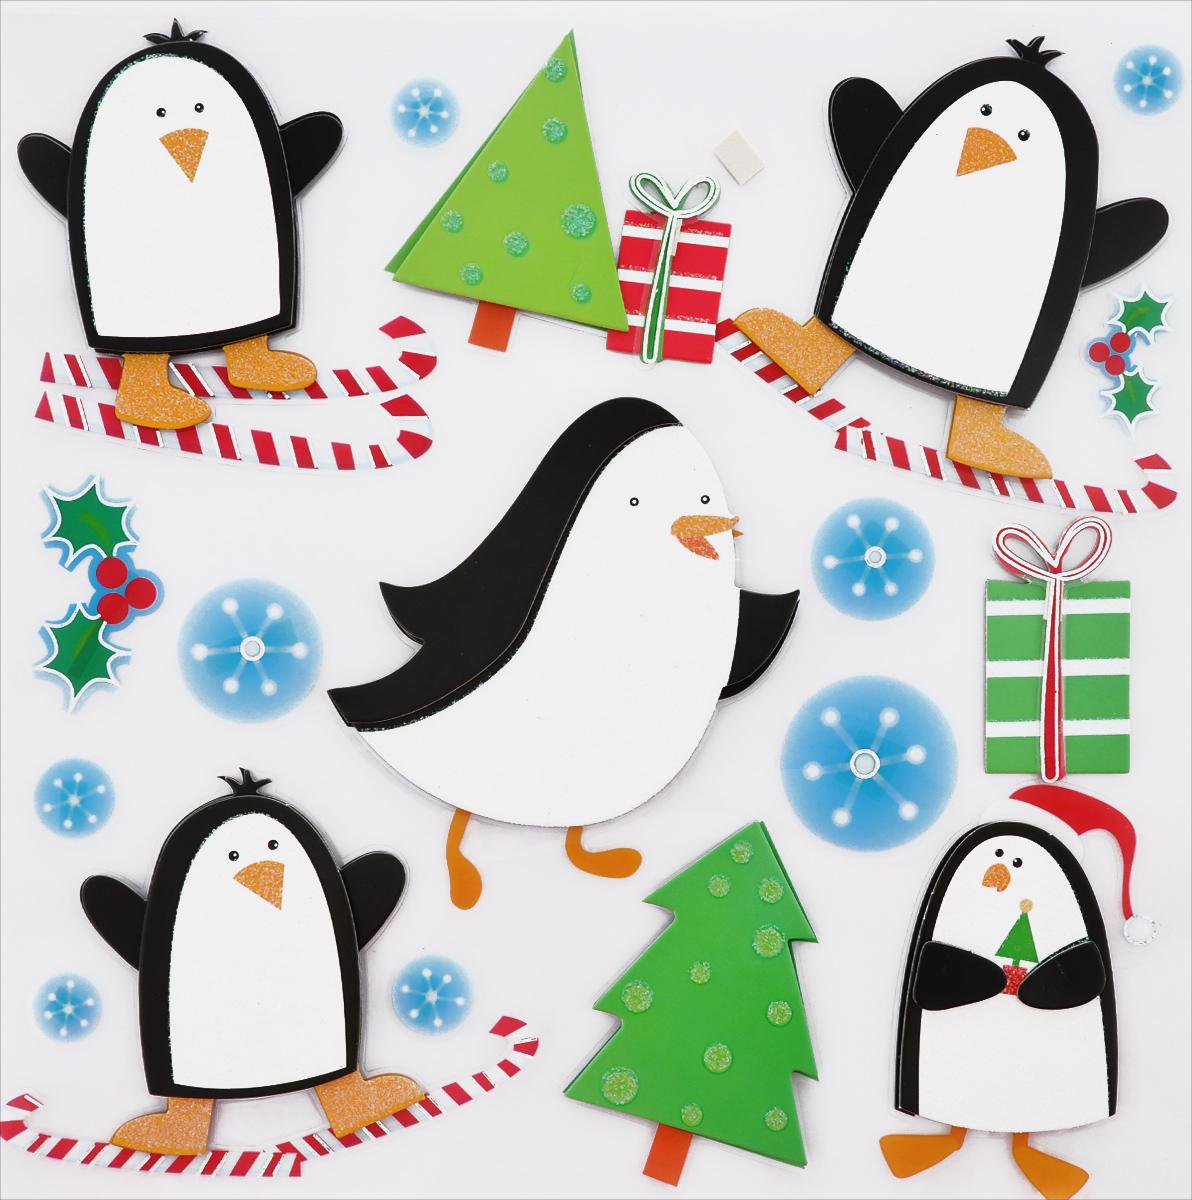 Наклейки декоративные 3D EuroHouse Пингвины, 18 шт300250_Россия, коричневый3D наклейки EuroHouse Пингвины, изготовленные из ПВХ, прекрасно подойдут для оформления творческих работ в технике скрапбукинг. Их можно использовать для украшения фотоальбомов, скрап-страничек, подарков, конвертов, фоторамок, открыток и многого другого. Объемные наклейки выполнены в новогодней тематике. Задняя сторона клейкая. В наборе - 18 наклеек разного размера. Количество наклеек: 18 шт.Размер самой большой наклейки: 11 см х 10,5 см.Диаметр самой маленькой наклейки: 1,5 см.